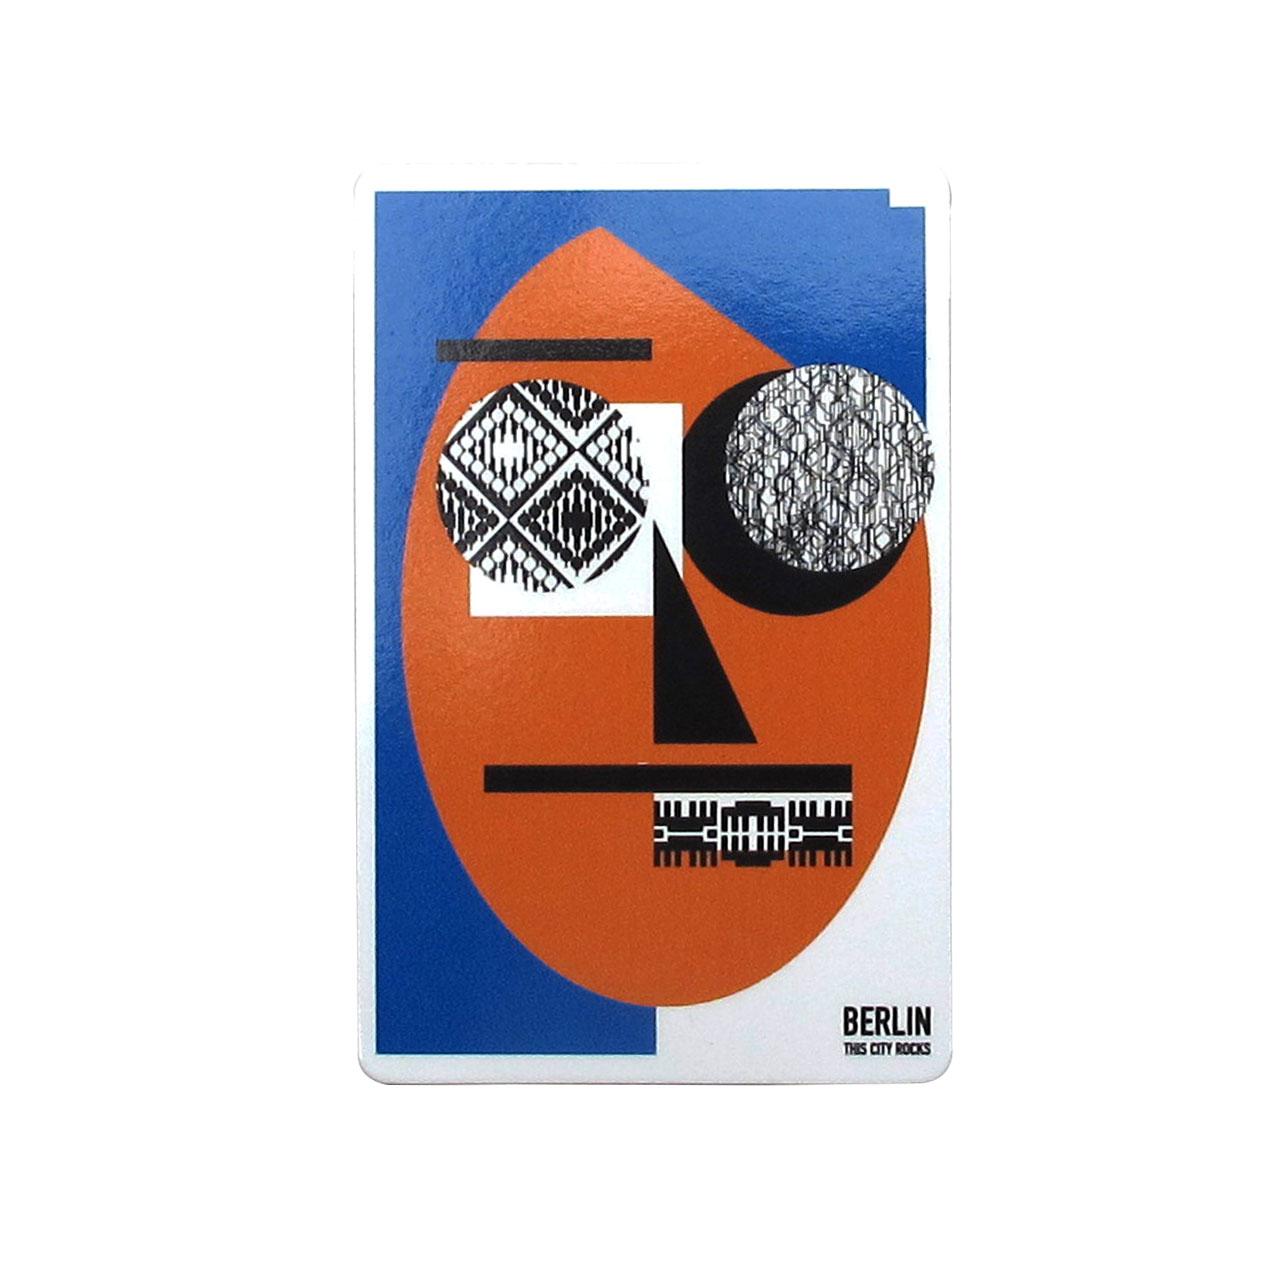 Berlinmagnet Face blau/orange